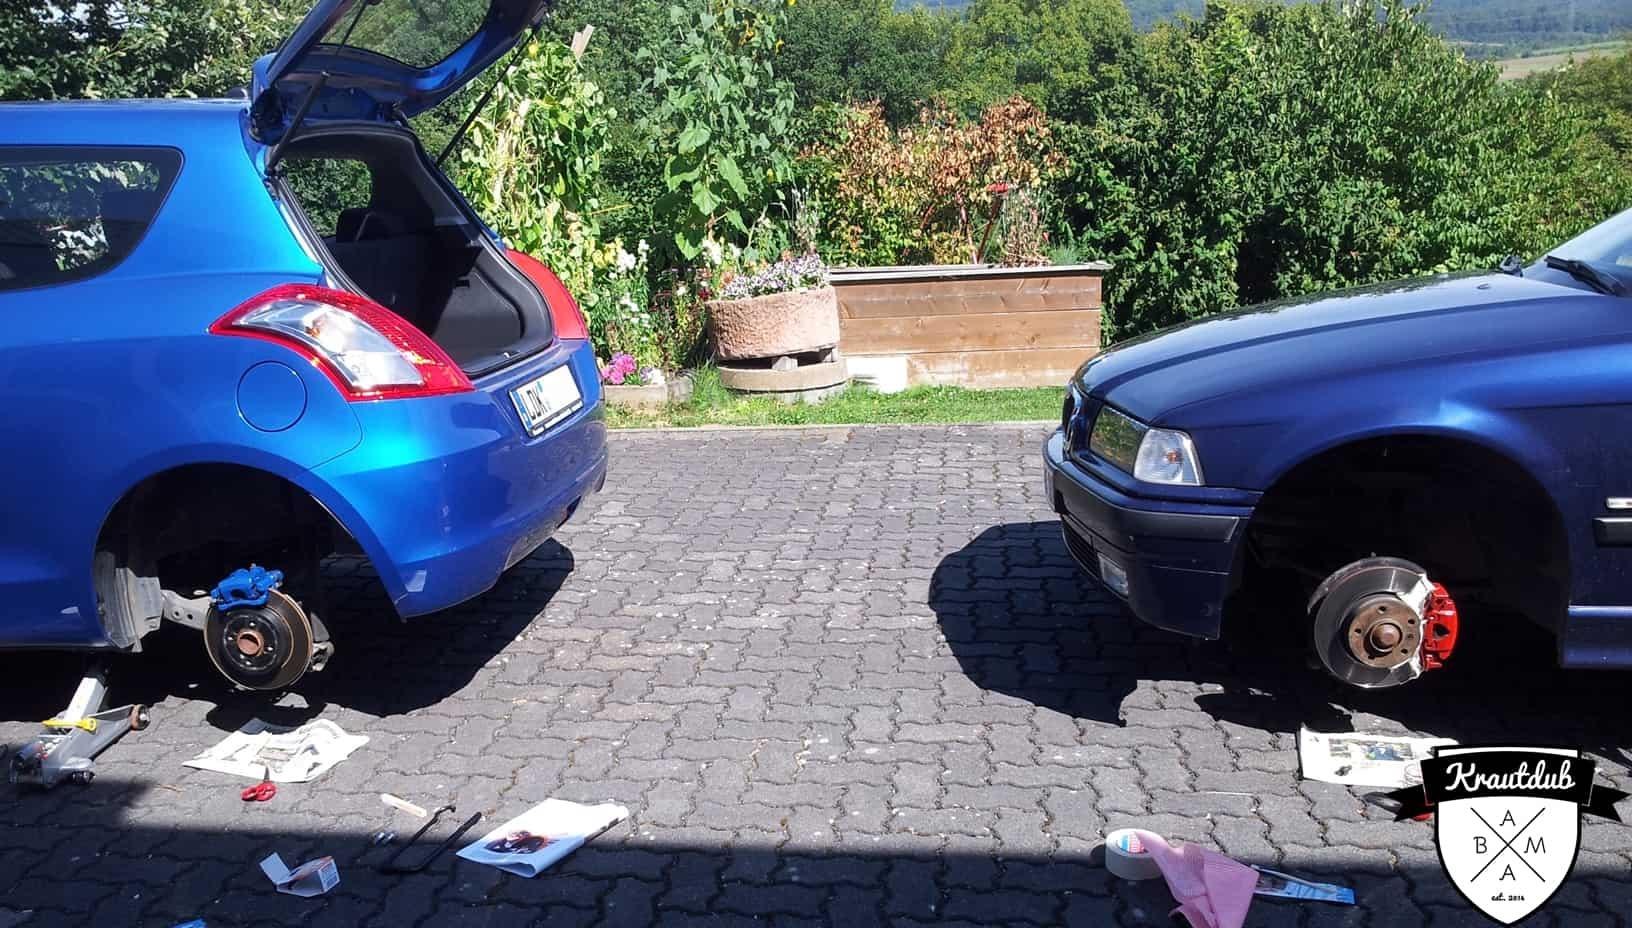 BMW E36 & Suzuki Swift